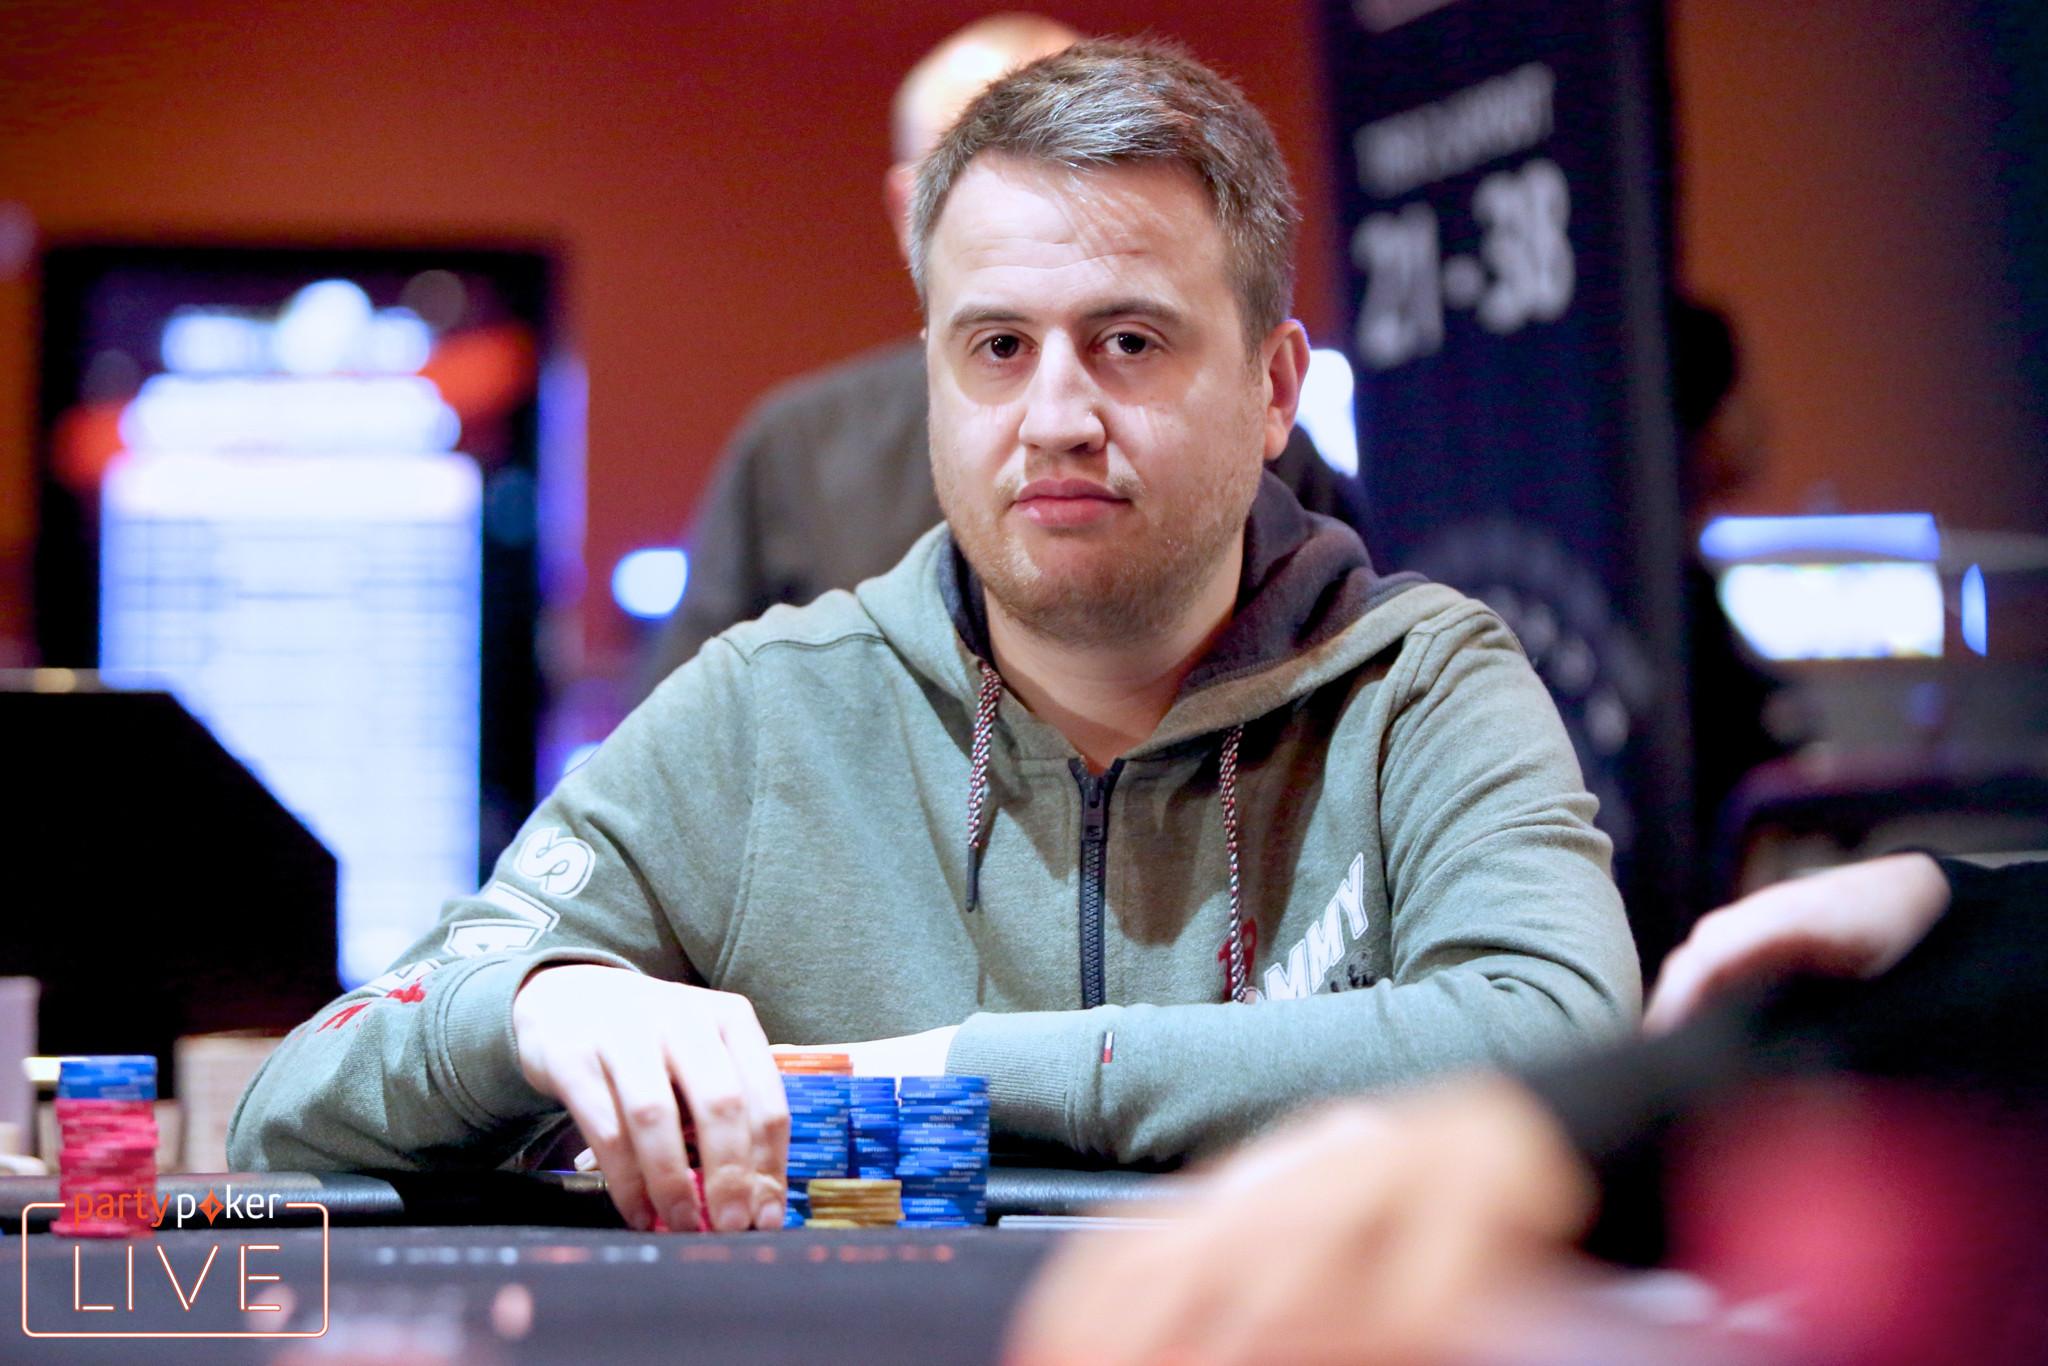 deutsch poker